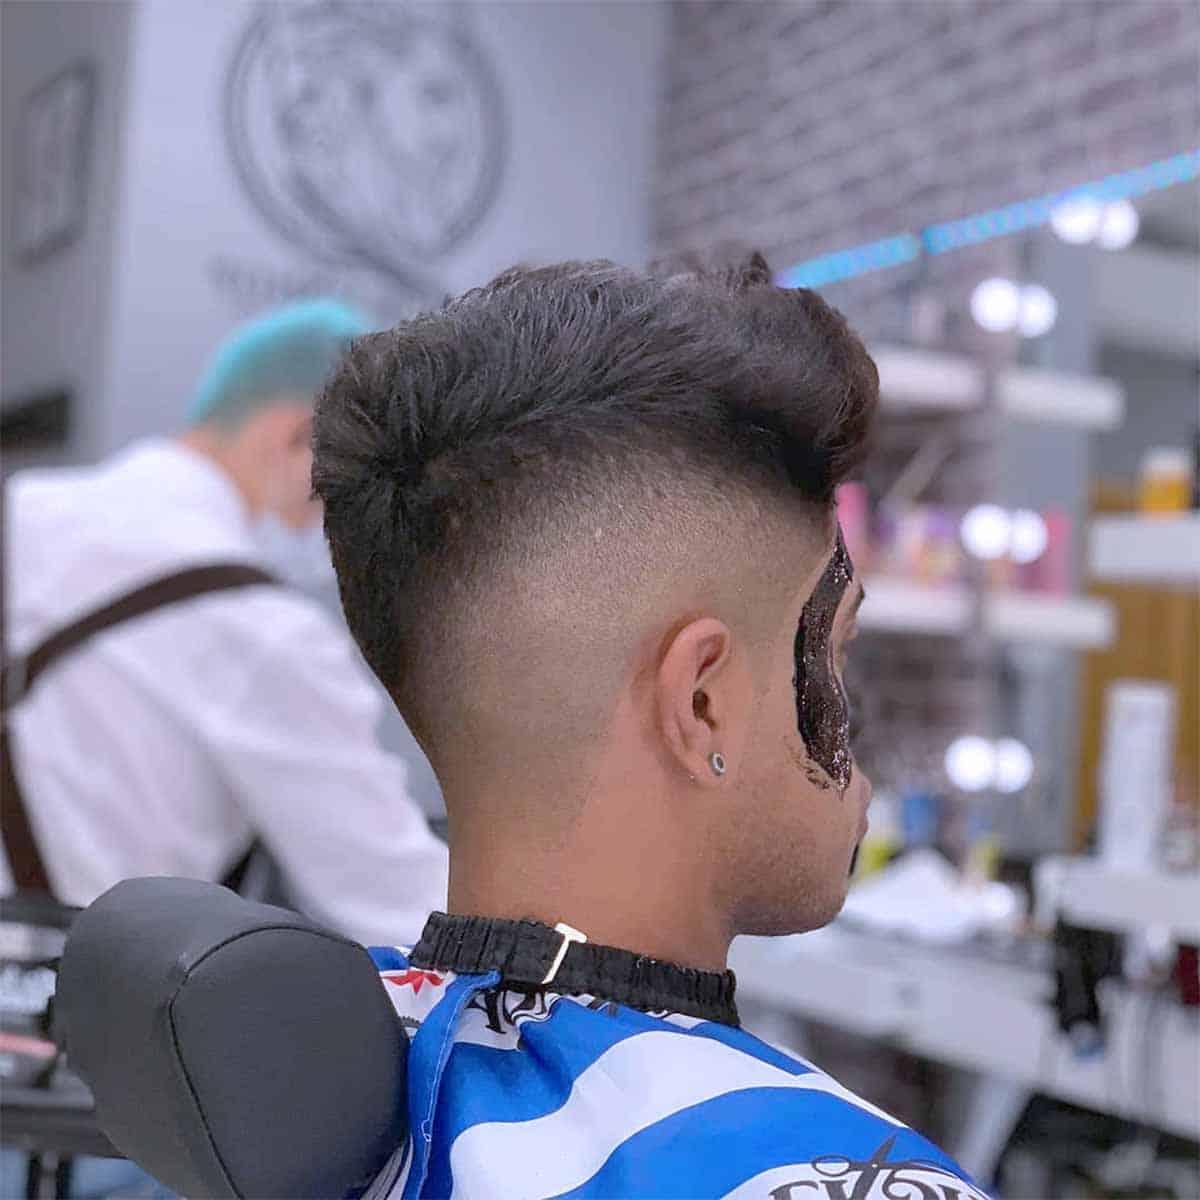 servicio limpeza facial y corte skin fade en barbería en Madrid YB New Style Barber Shop